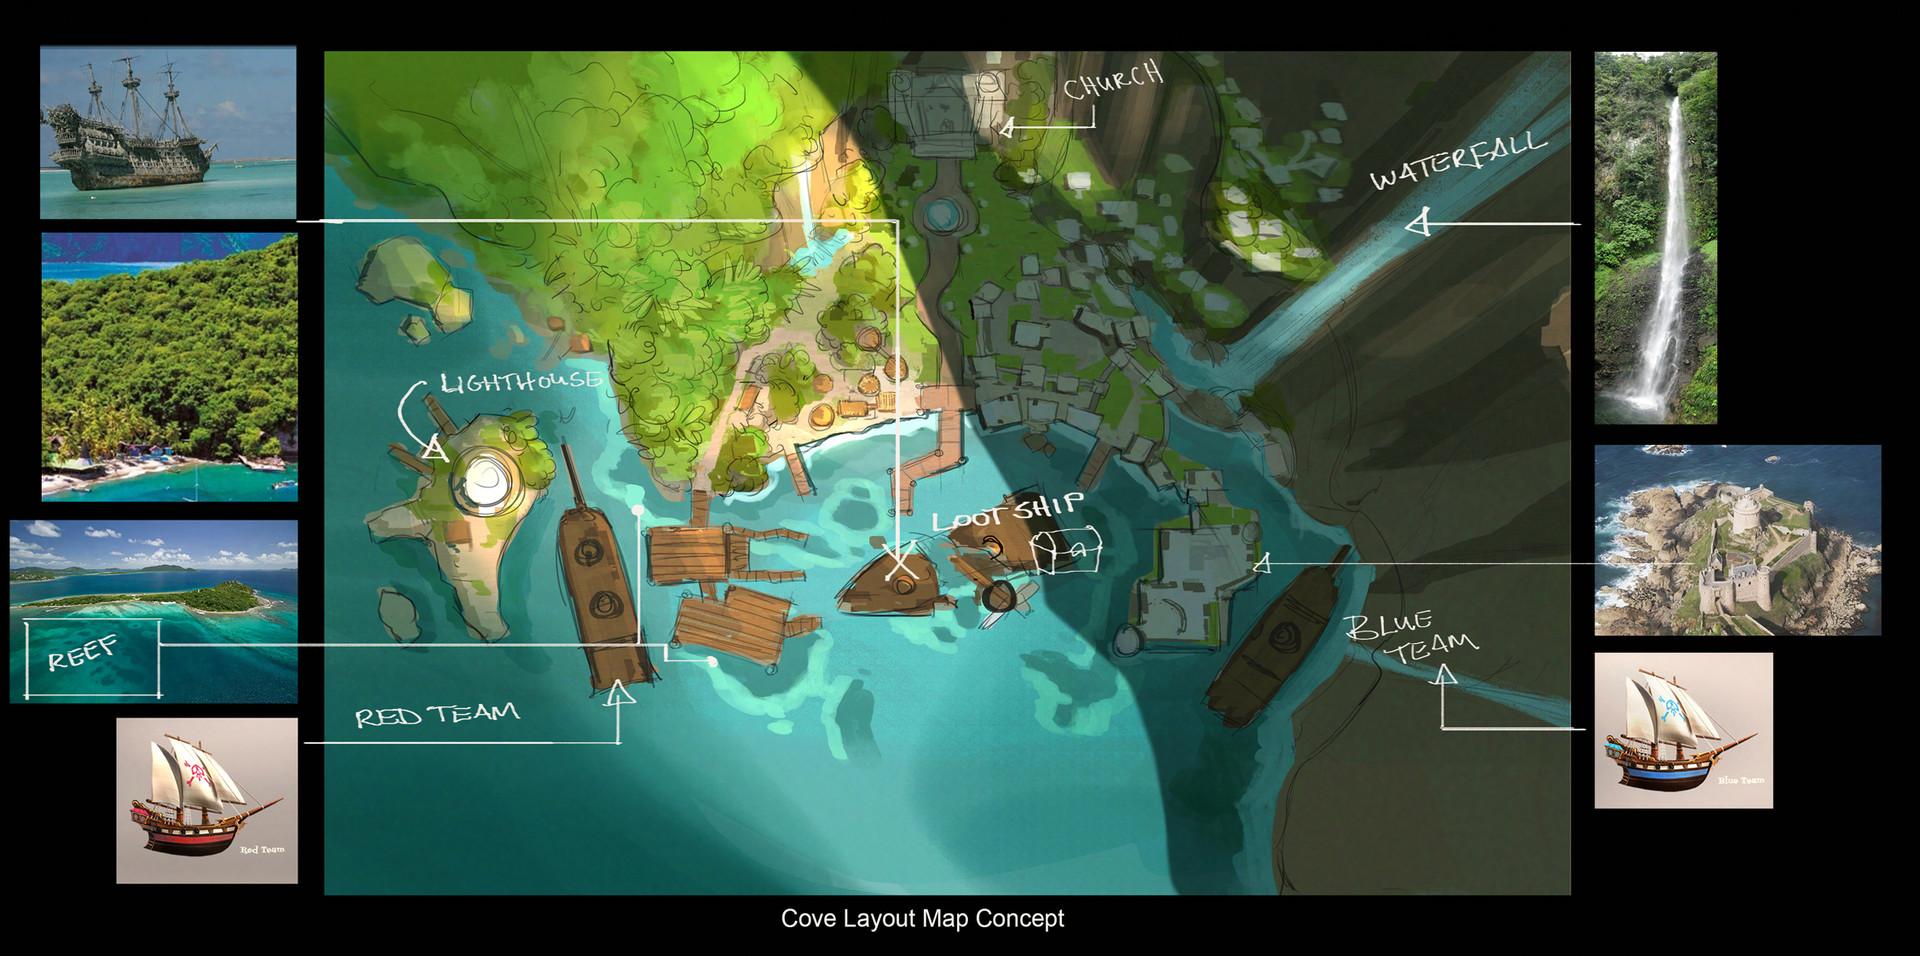 Brian yam relay art ca env cove map flat